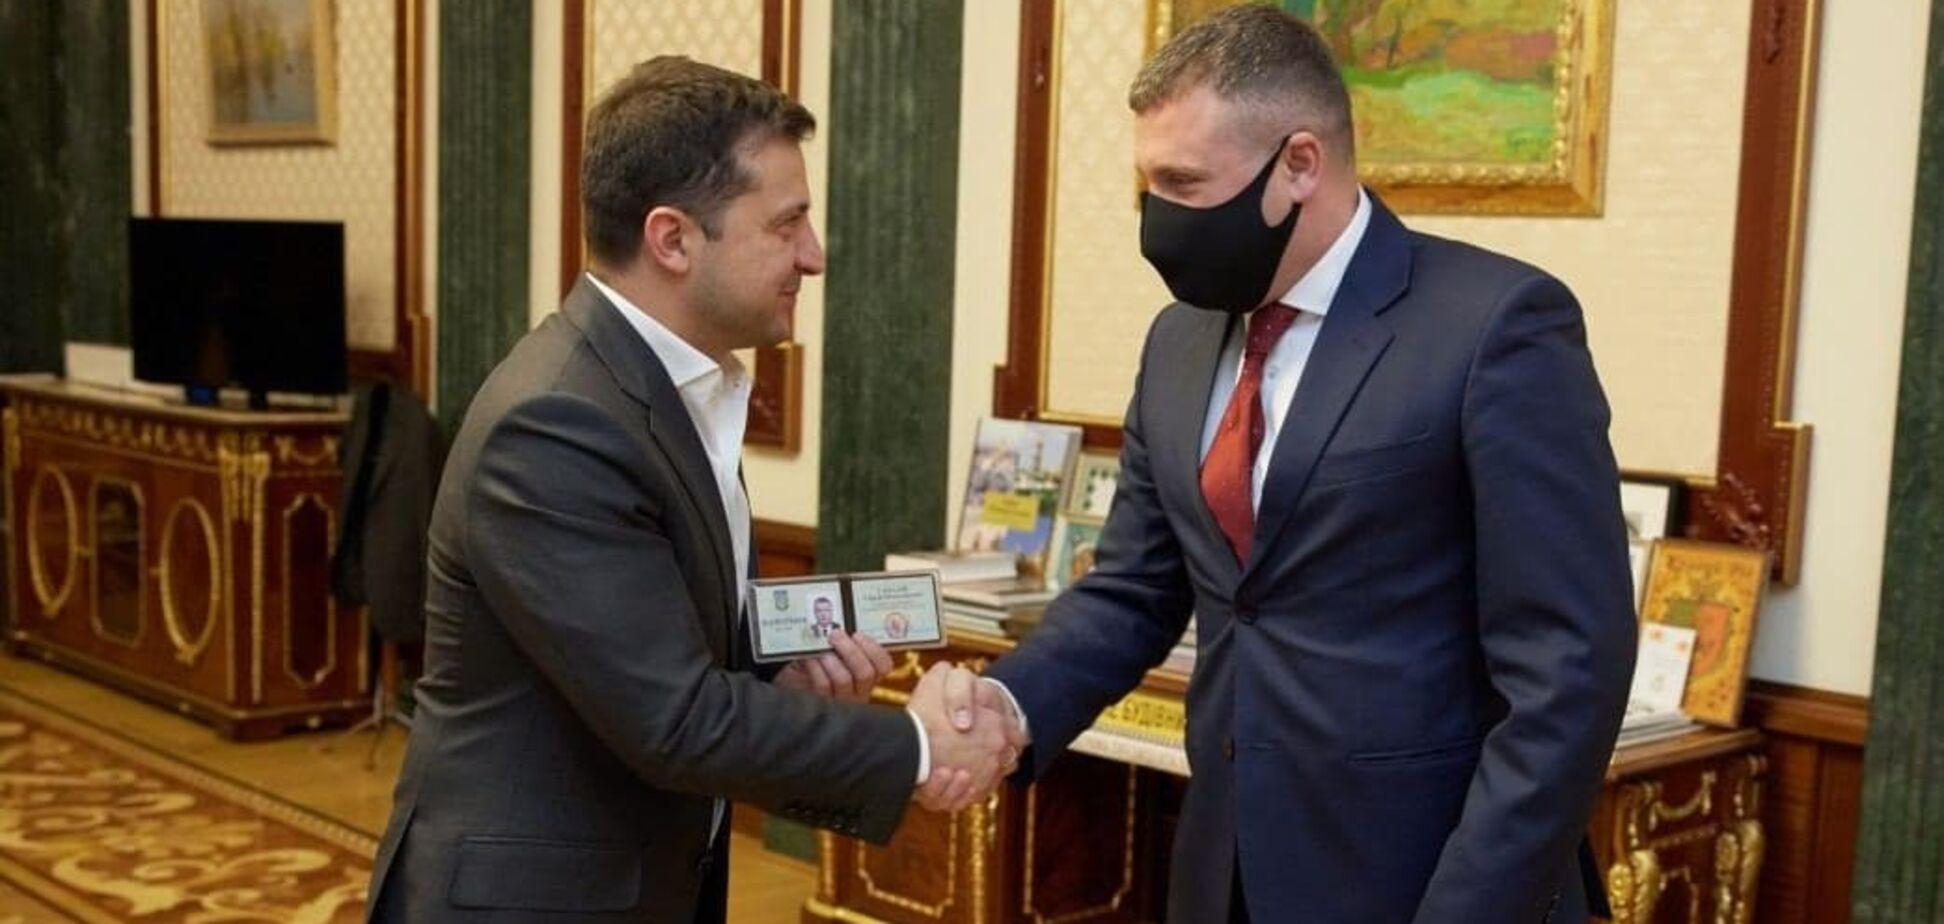 Зеленський вручив Гамалію посвідчення голови ОДА